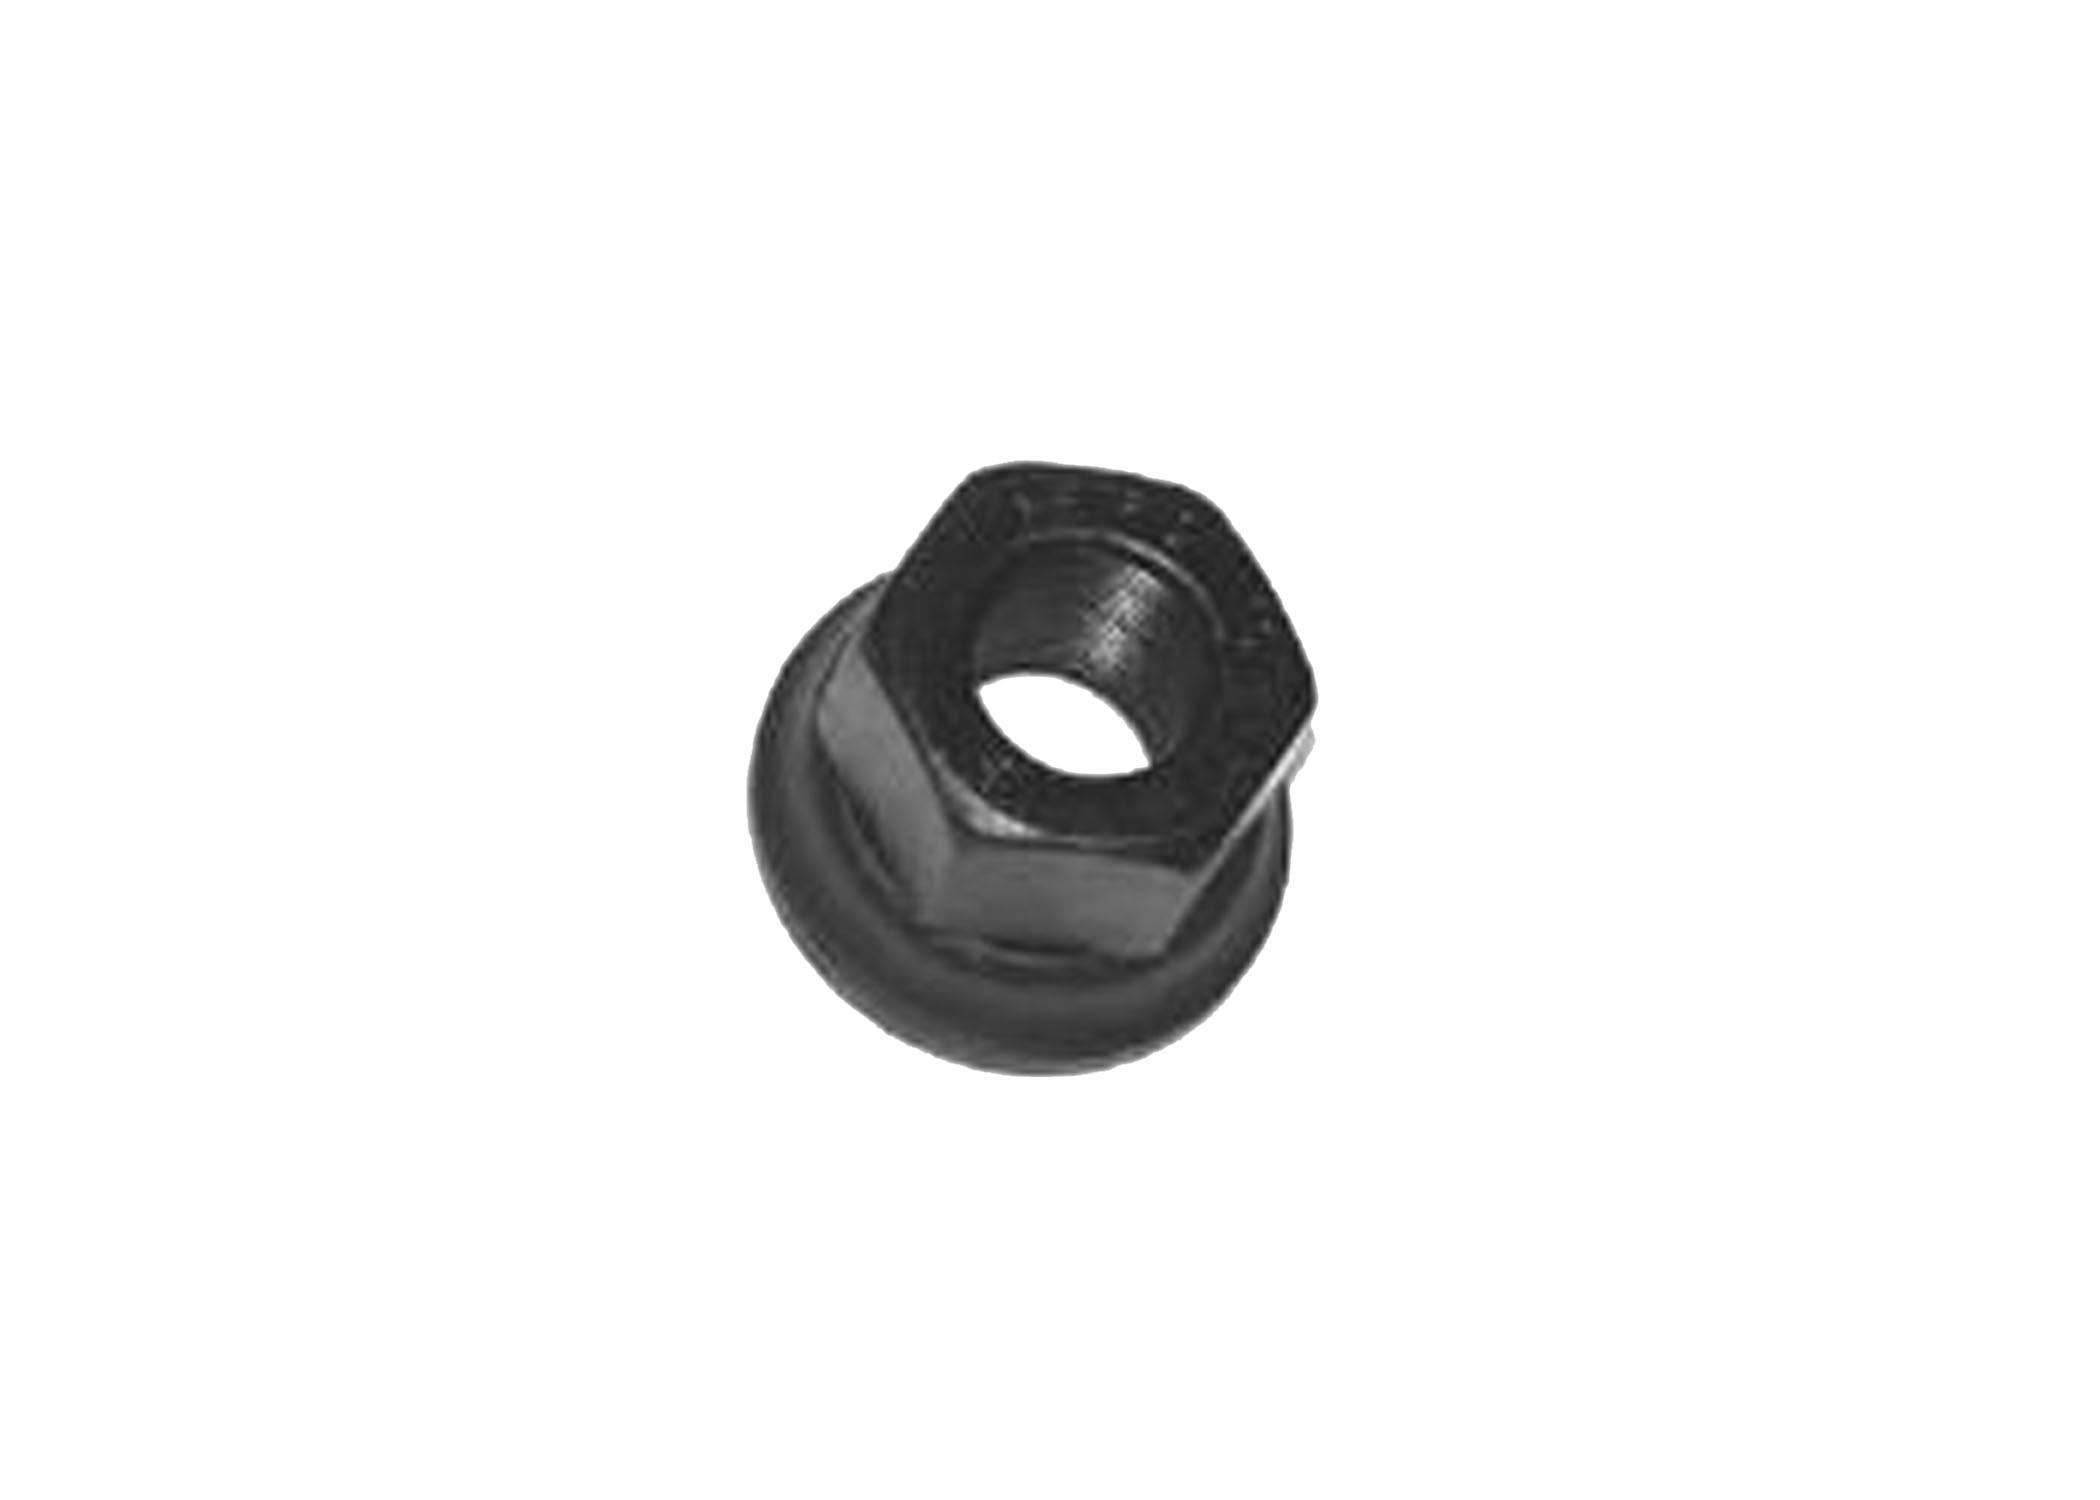 22mm metric nut 1 1  2in hex